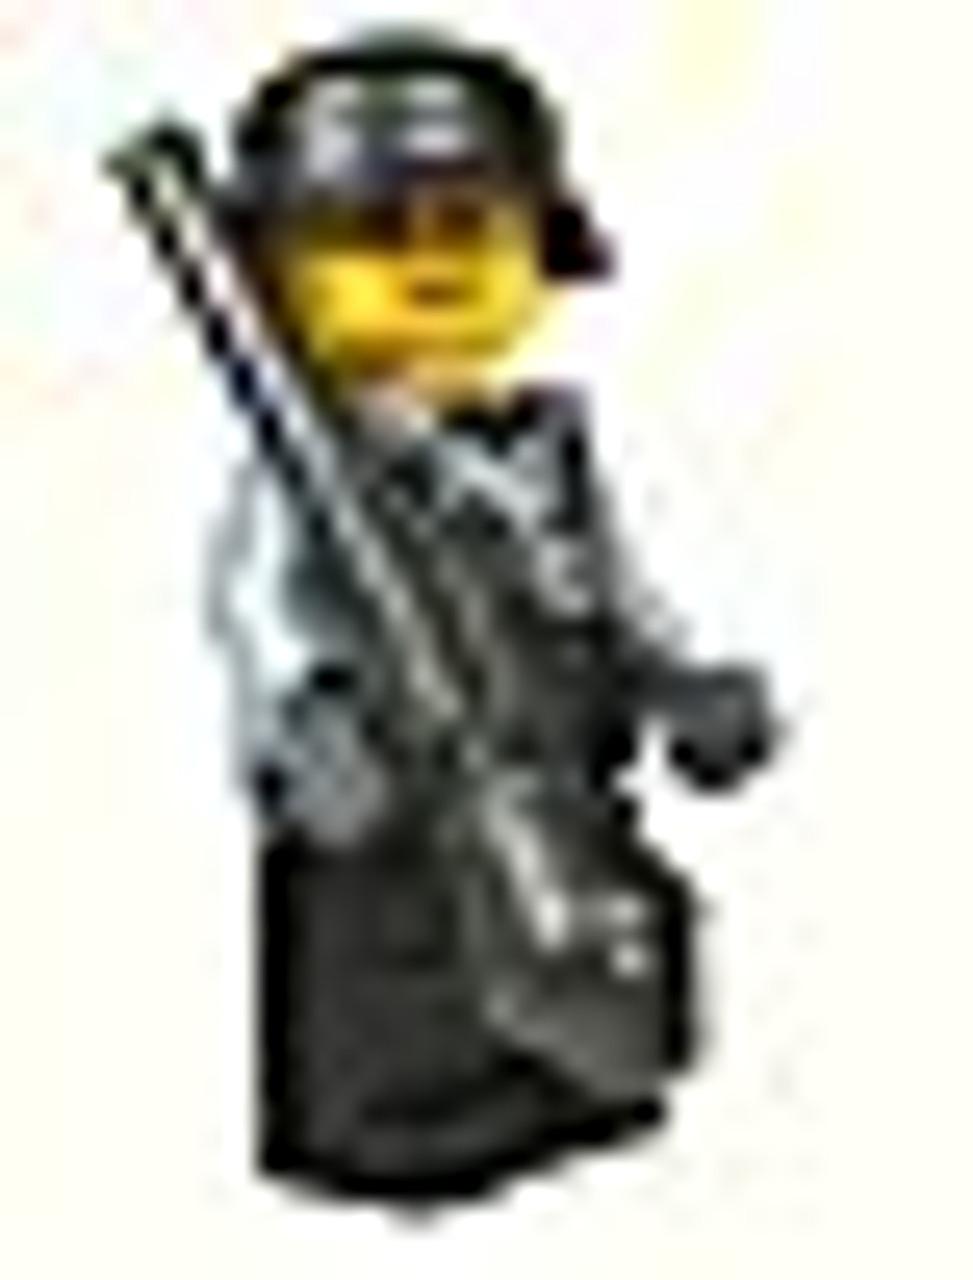 BrickArms Panzerfaust